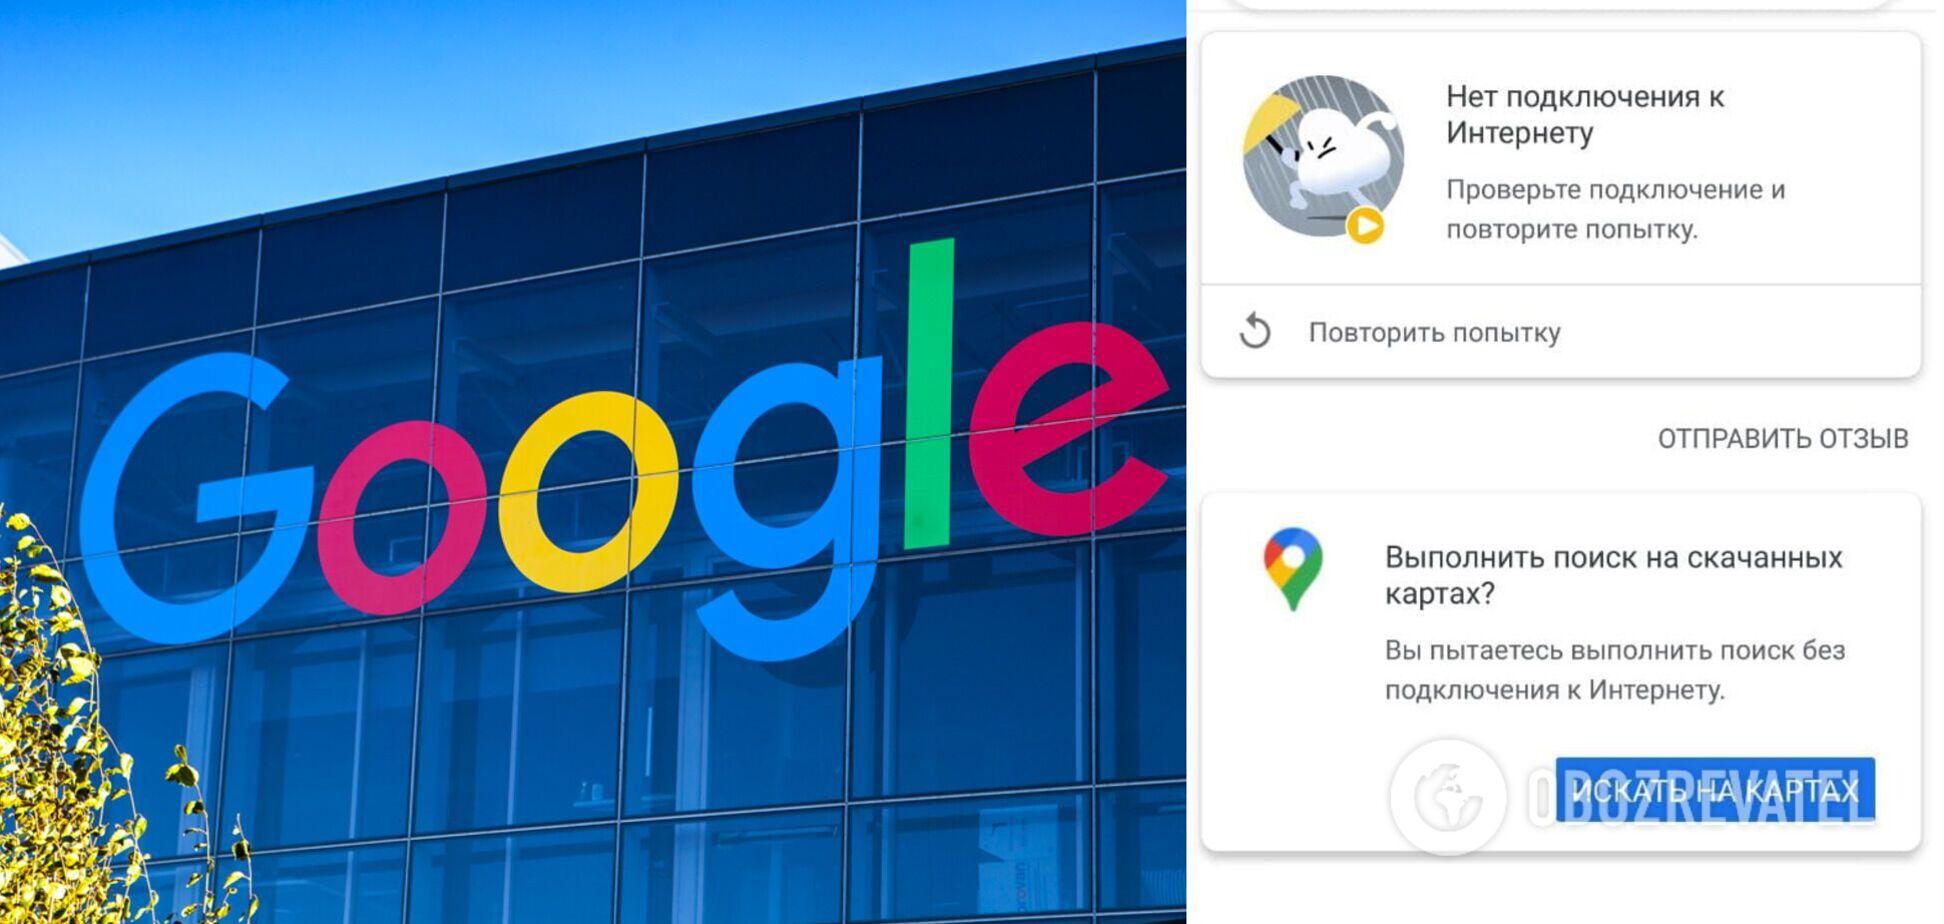 У поиска и ряда сервисов Google произошел сбой